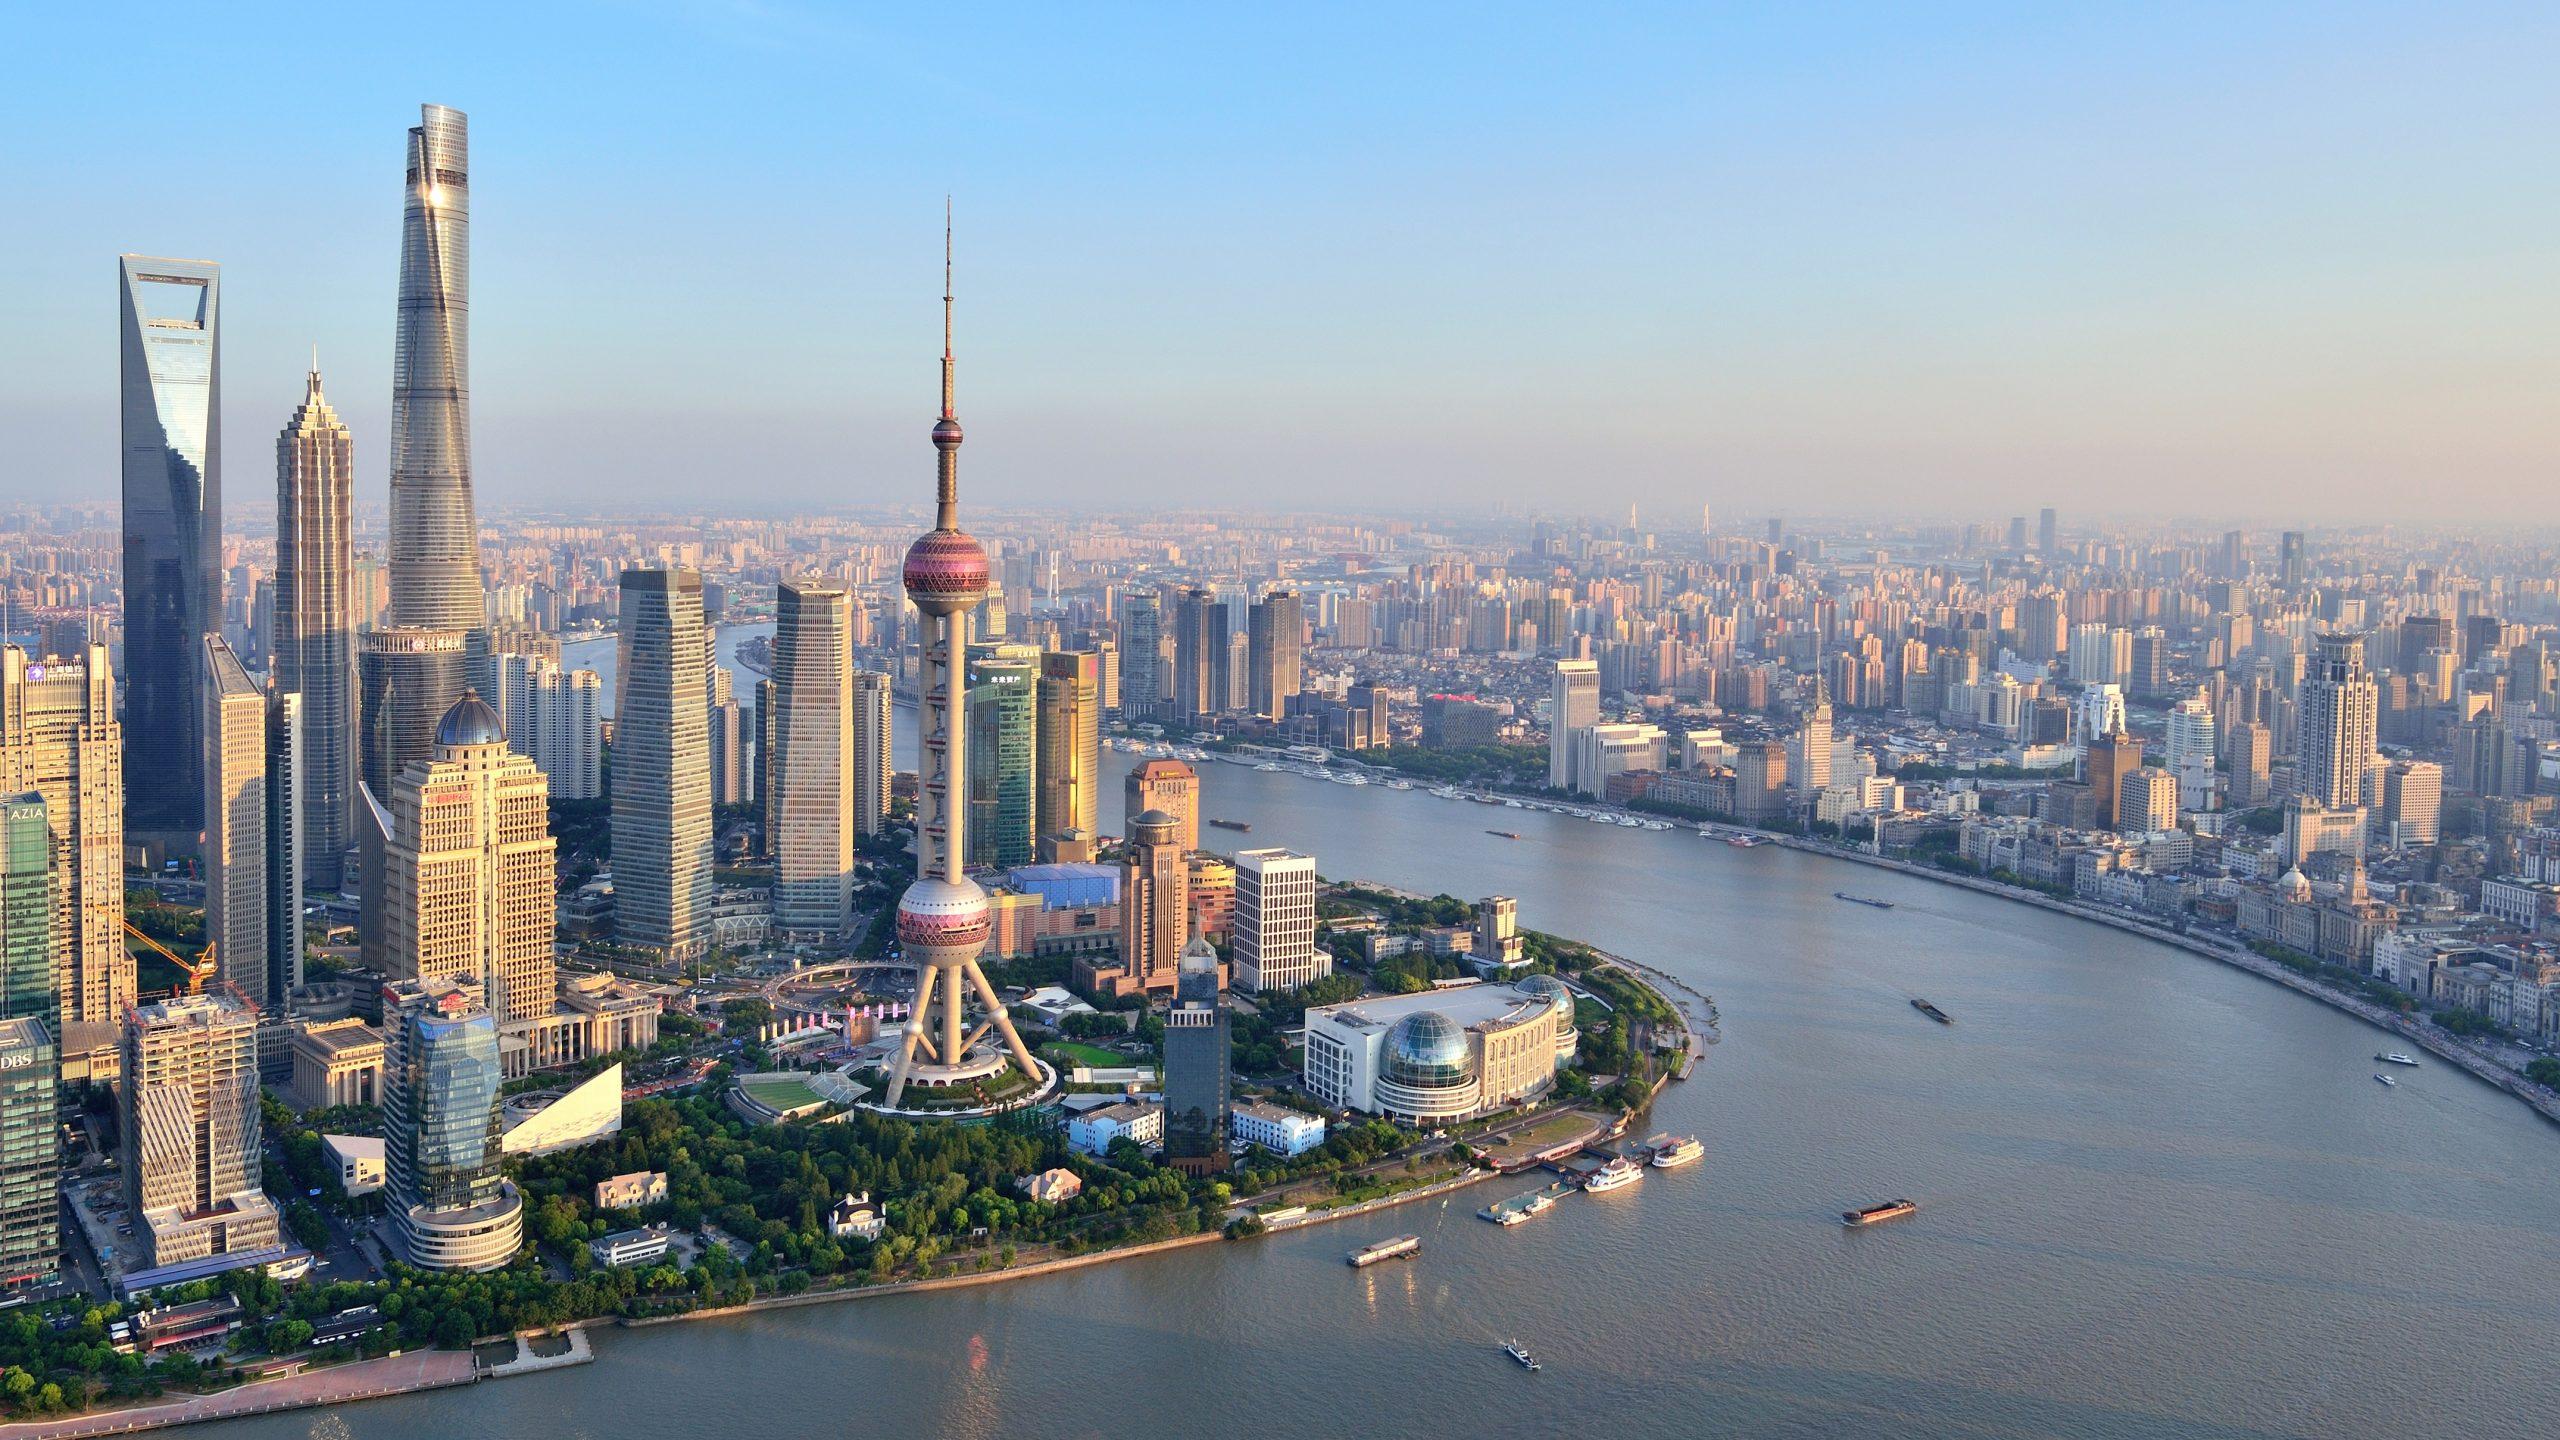 Trung Quốc là cường quốc về kinh tế đứng thứ 2 thế giới.